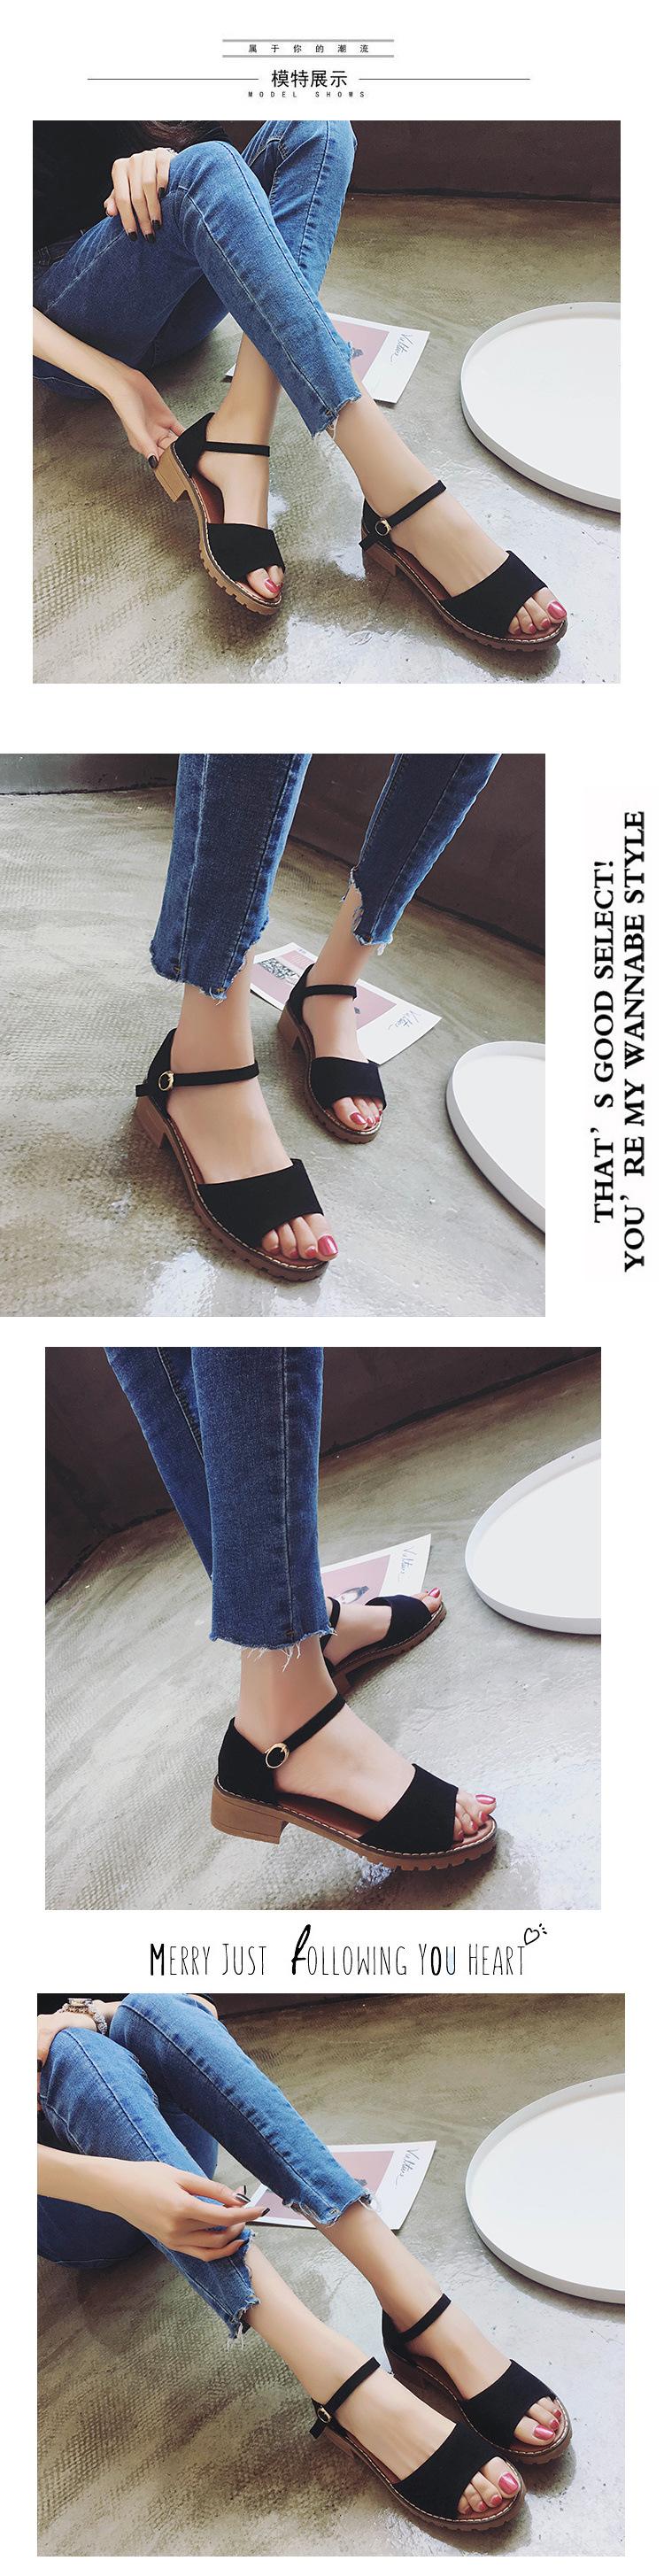 Sweet Summer Platform Sandal 2018 Buckle Strap Open Toe Women Sandals Square Heel Designer Shoes 8